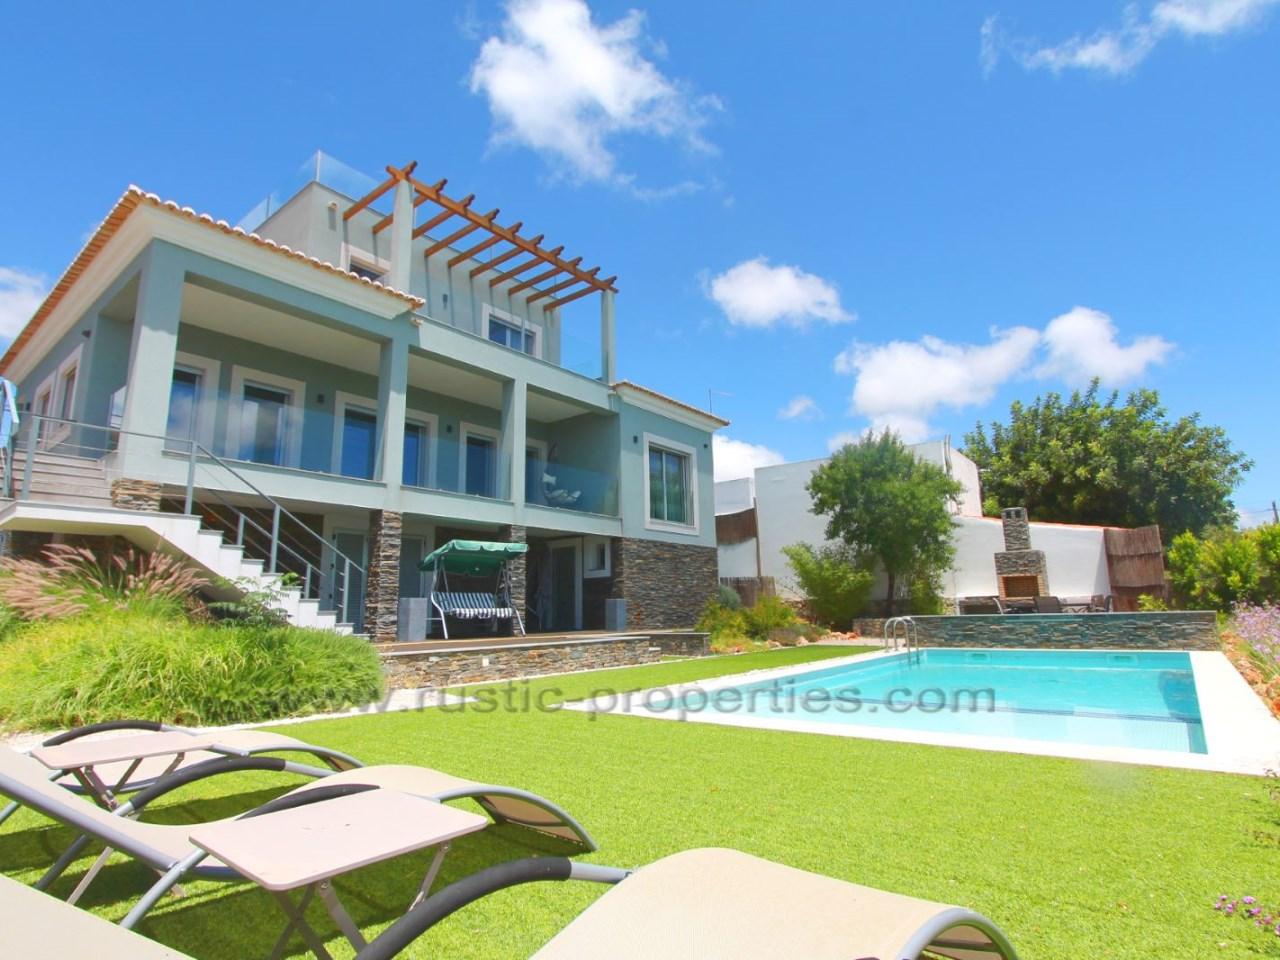 Villa de luxe moderne avec 3 + 1 chambres, piscine et vue ...